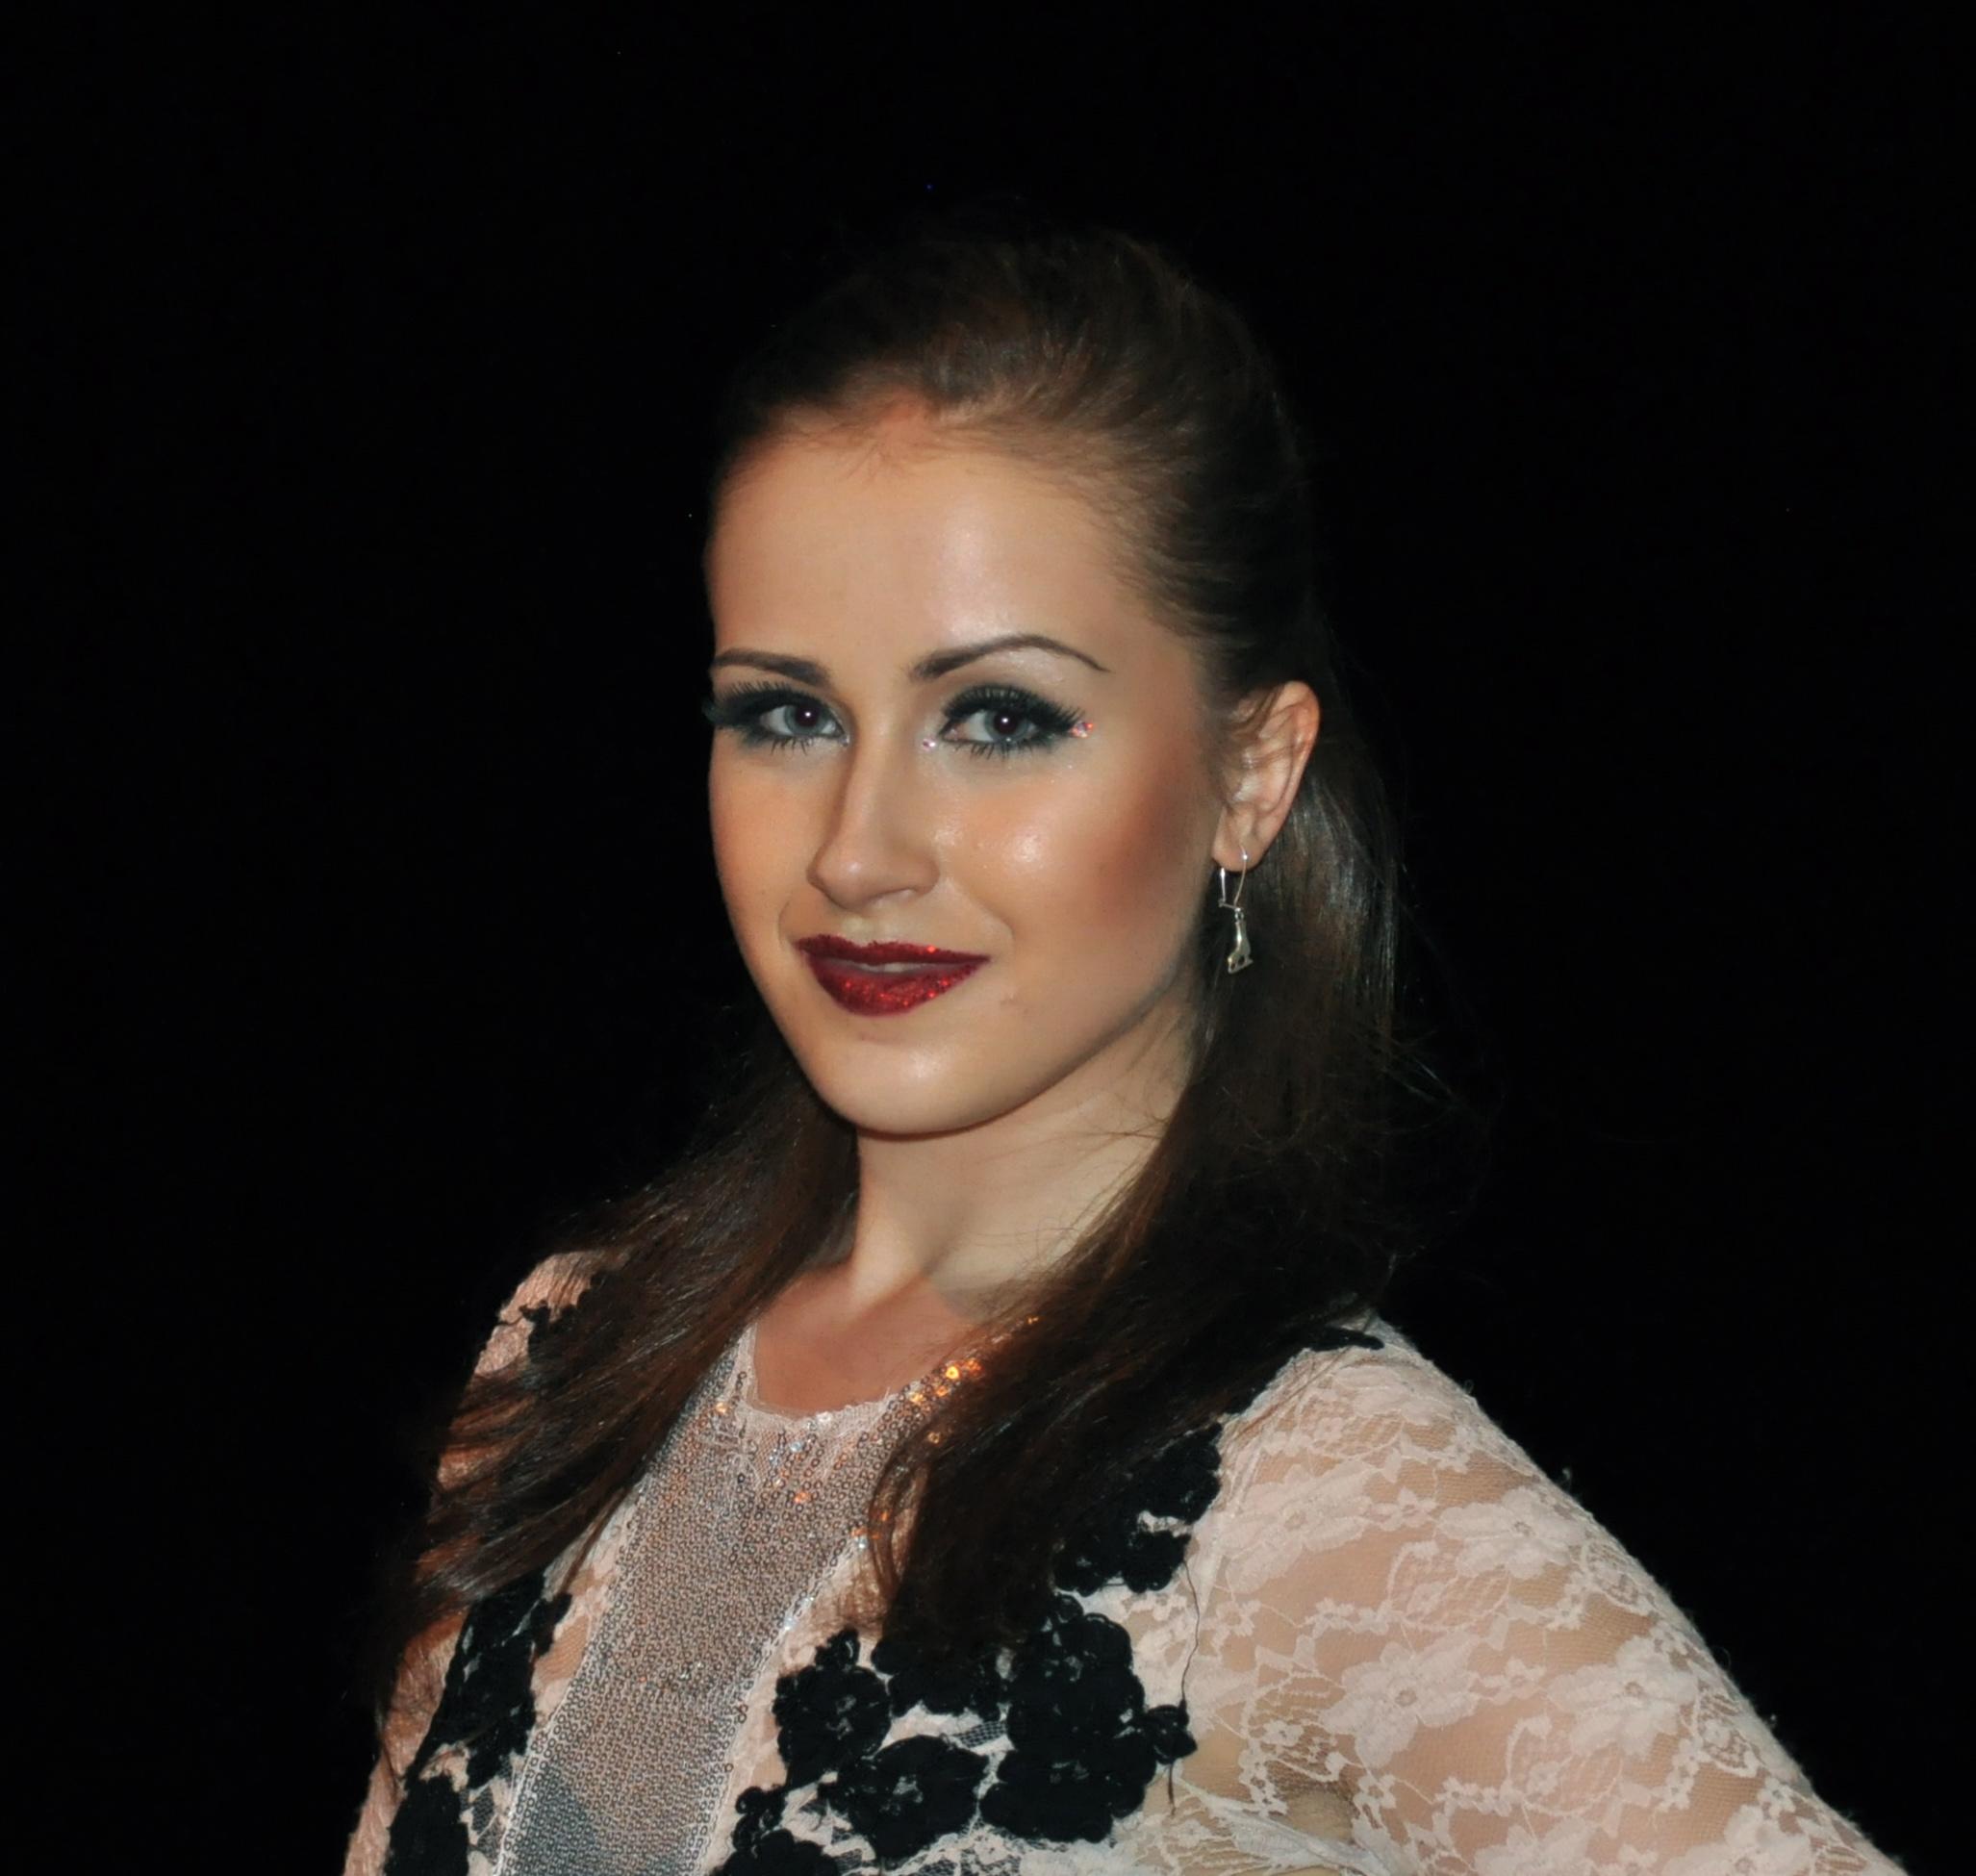 Kasia Florczuk